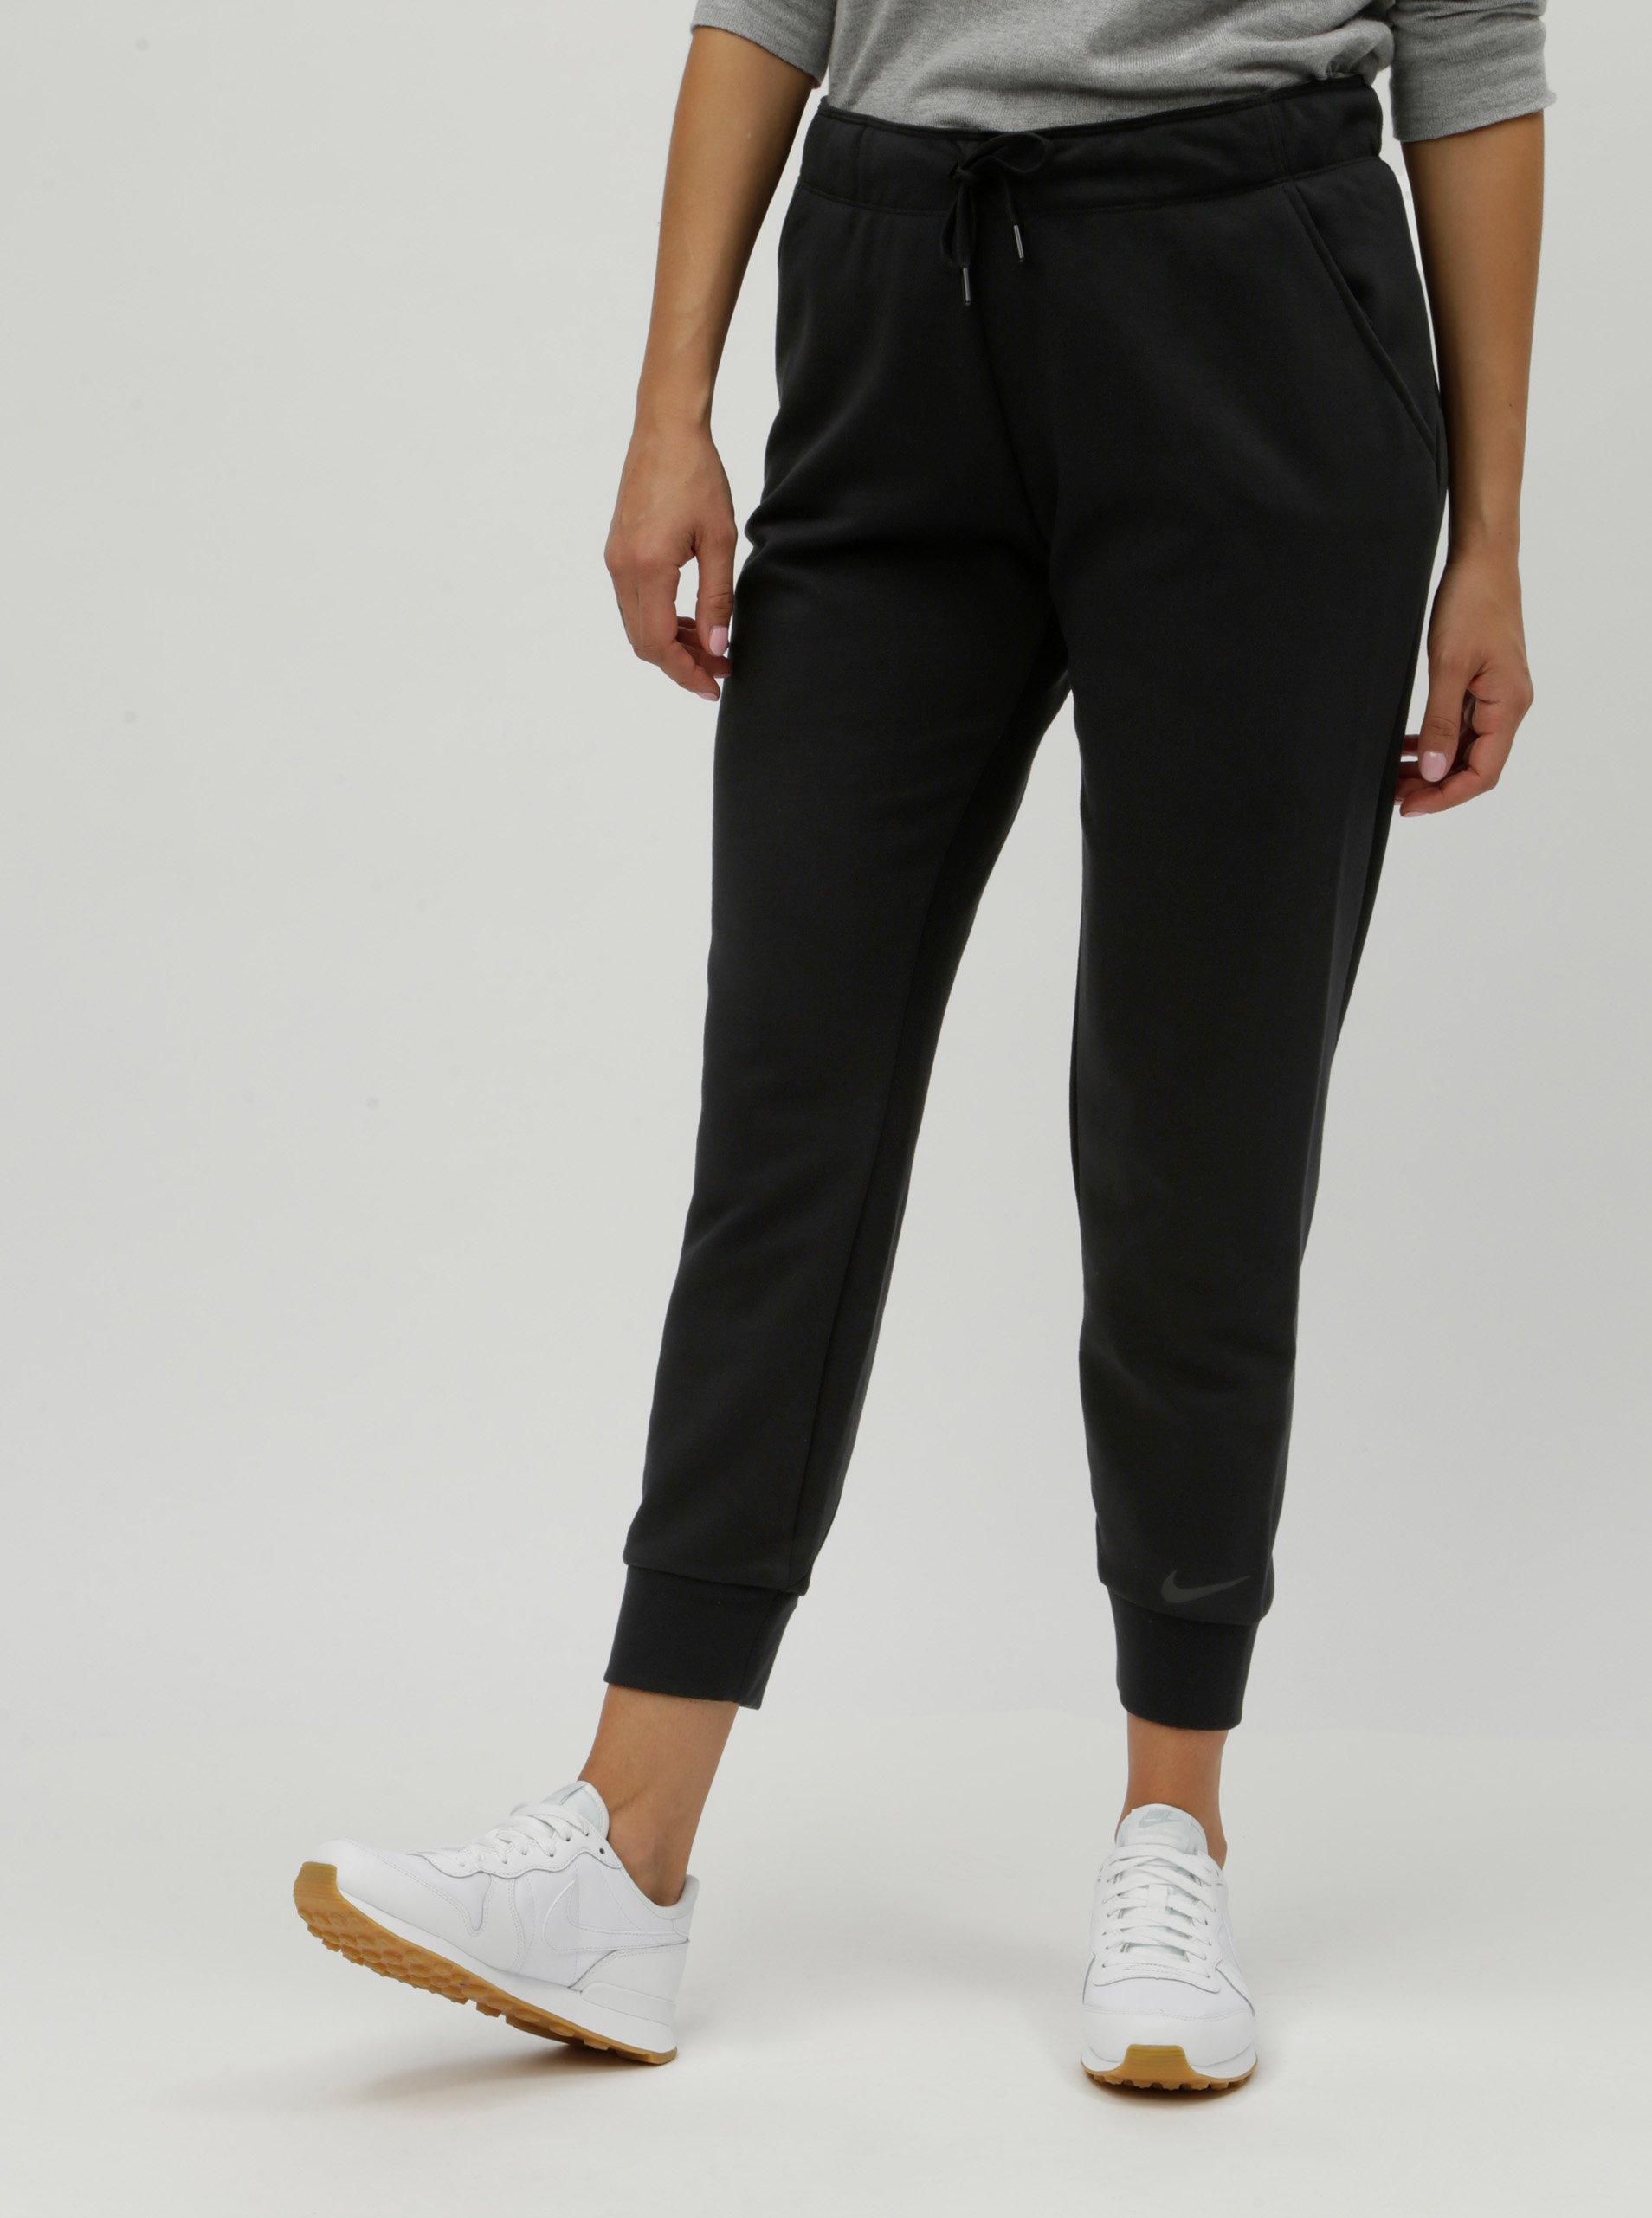 5ea76fb8cdd1 Čierne dámske tepláky Nike Dry